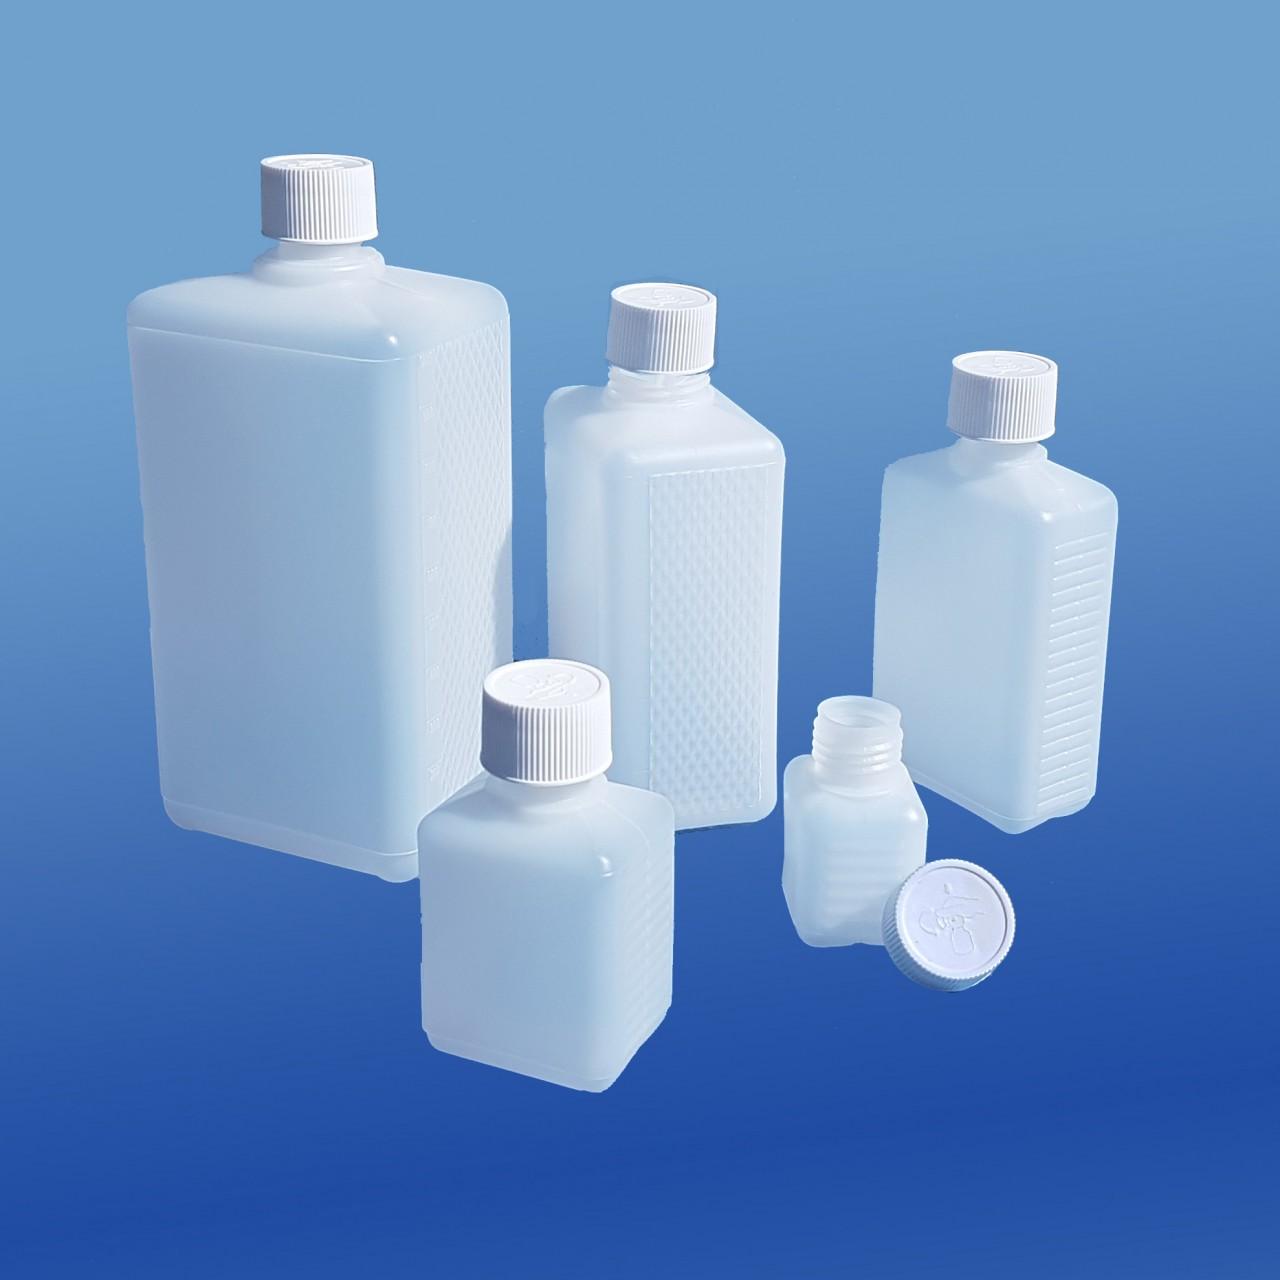 Viereck-Flaschen 50 - 1000 ml |mit Kinder-Sicherheitsverschluss